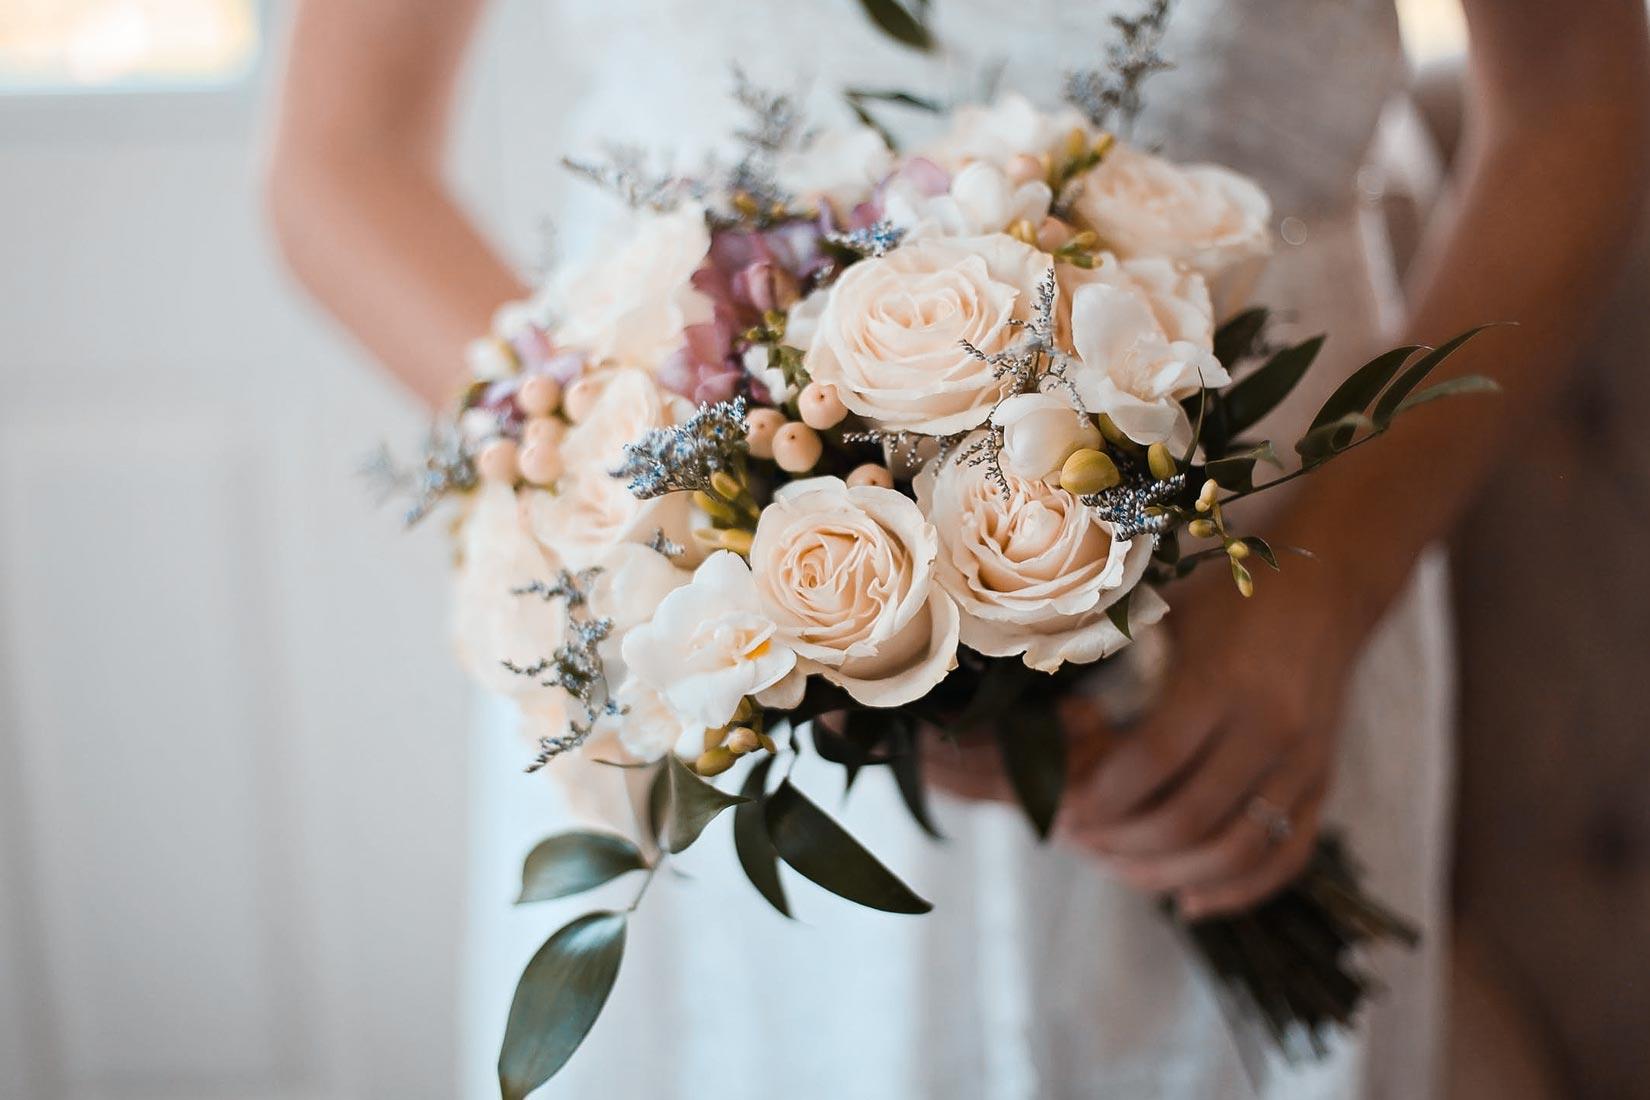 La clave para organizar una boda perfecta